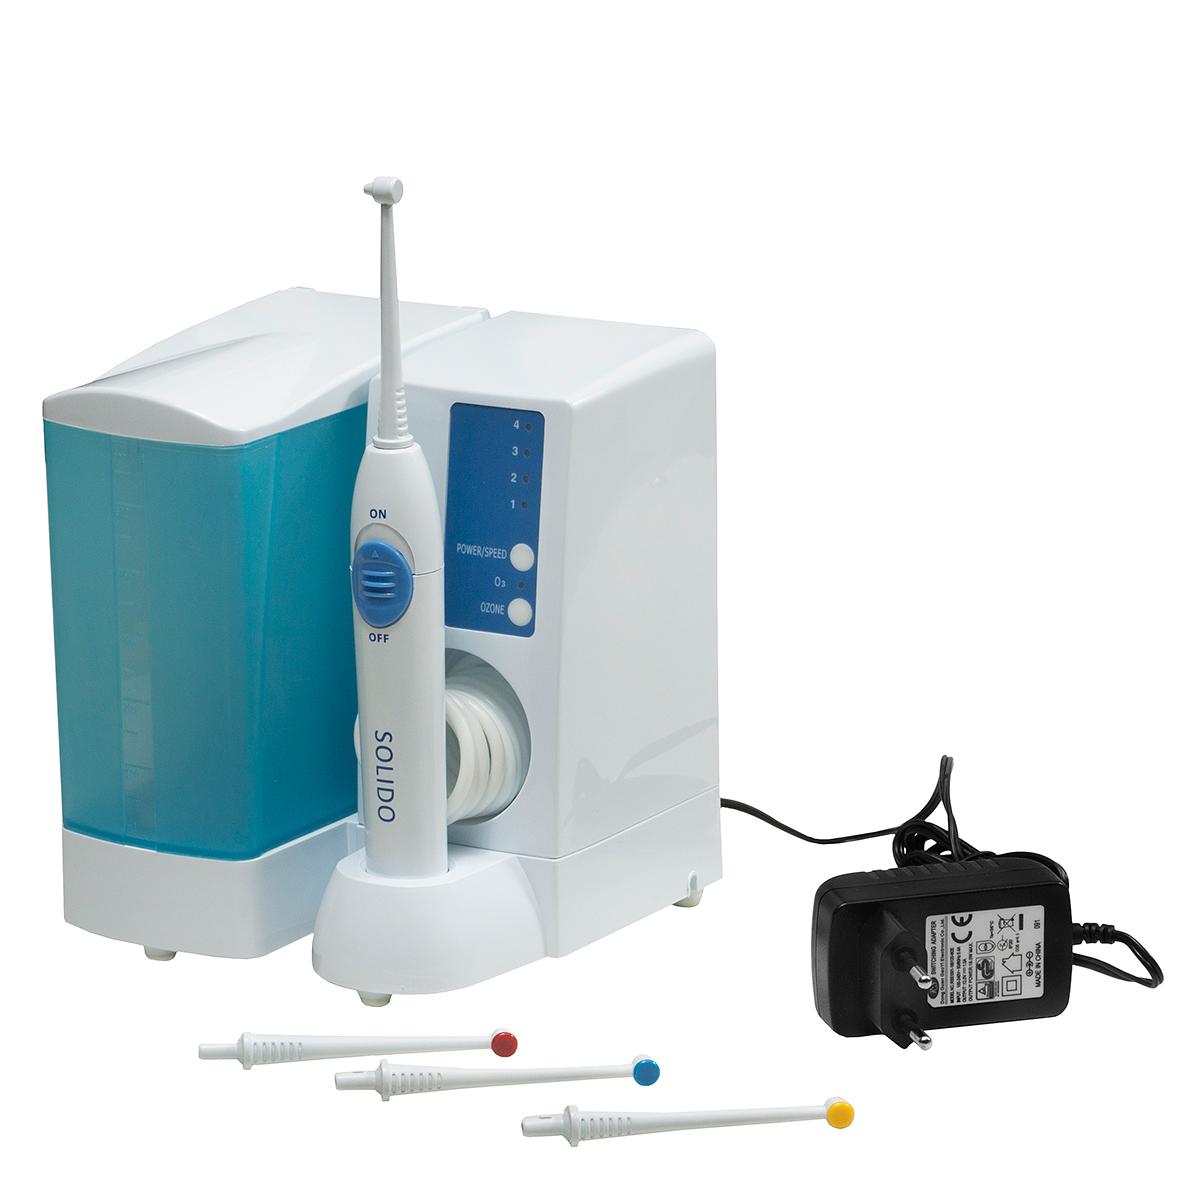 Solido Ирригатор0001521Ирригатор Solido – прибор для очистки полости рта от бактерий, разработанный итальянской компанией Bremed. Отличительной особенностью данного ирригатора от всех остальных моделей является включенная в него функция озонирования. Ирригатор полости рта Solido – аппарат, который позволяет при помощи озонированной воды более эффективно очищать межзубное пространство и зубодесневые карманы, нежели зубная нить или зубная щетка. В ирригатор заливается обычная вода или жидкость для полоскания рта, которая очищается и озонируется в аппарате. Во время использования озонированной воды Вы легко разлагаете вирусы, бактерии и микроорганизмы, очищая даже невидимые микротрещины зубов. Таким образом, вы снизите вероятность заболевания полости рта и всевозможных заболеваний зубов. Здоровье – это богатство, которое нужно сохранить. И сегодня у нас есть все для этого. Правильный уход за полостью рта позволяет создать благоприятные условия для правильной работы большинства внутренних органов, в том...